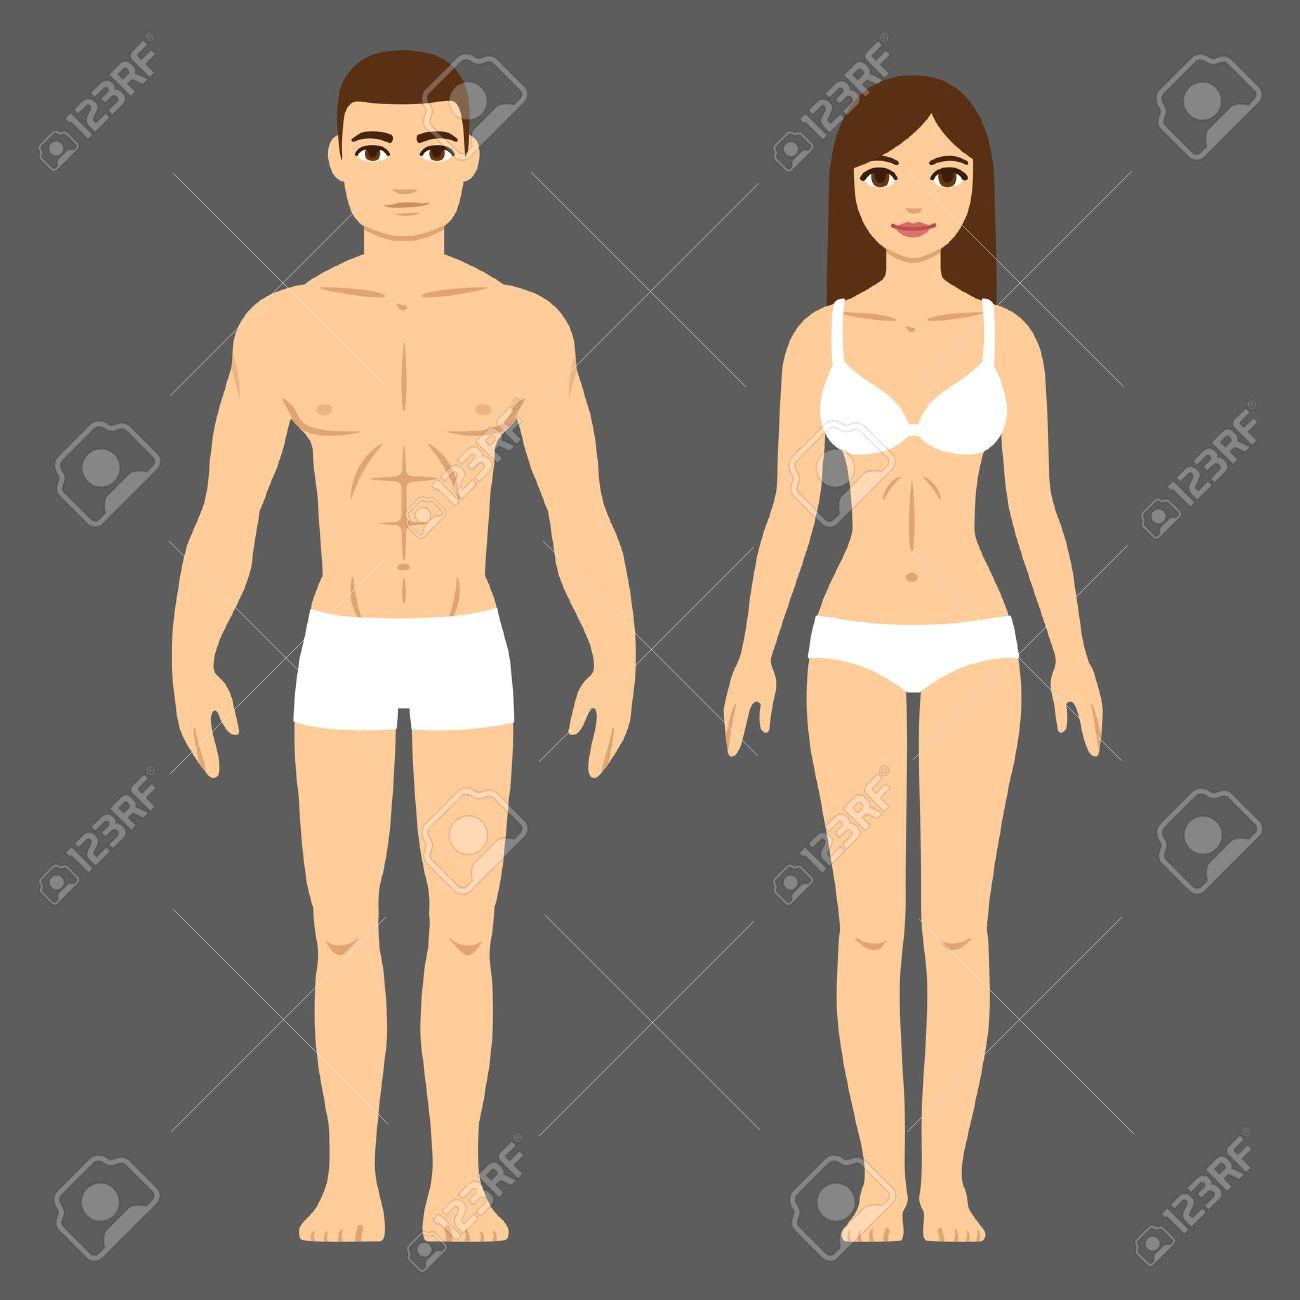 El Hombre Y La Mujer Con Cuerpo Atlético En Ropa Interior. La Salud ...